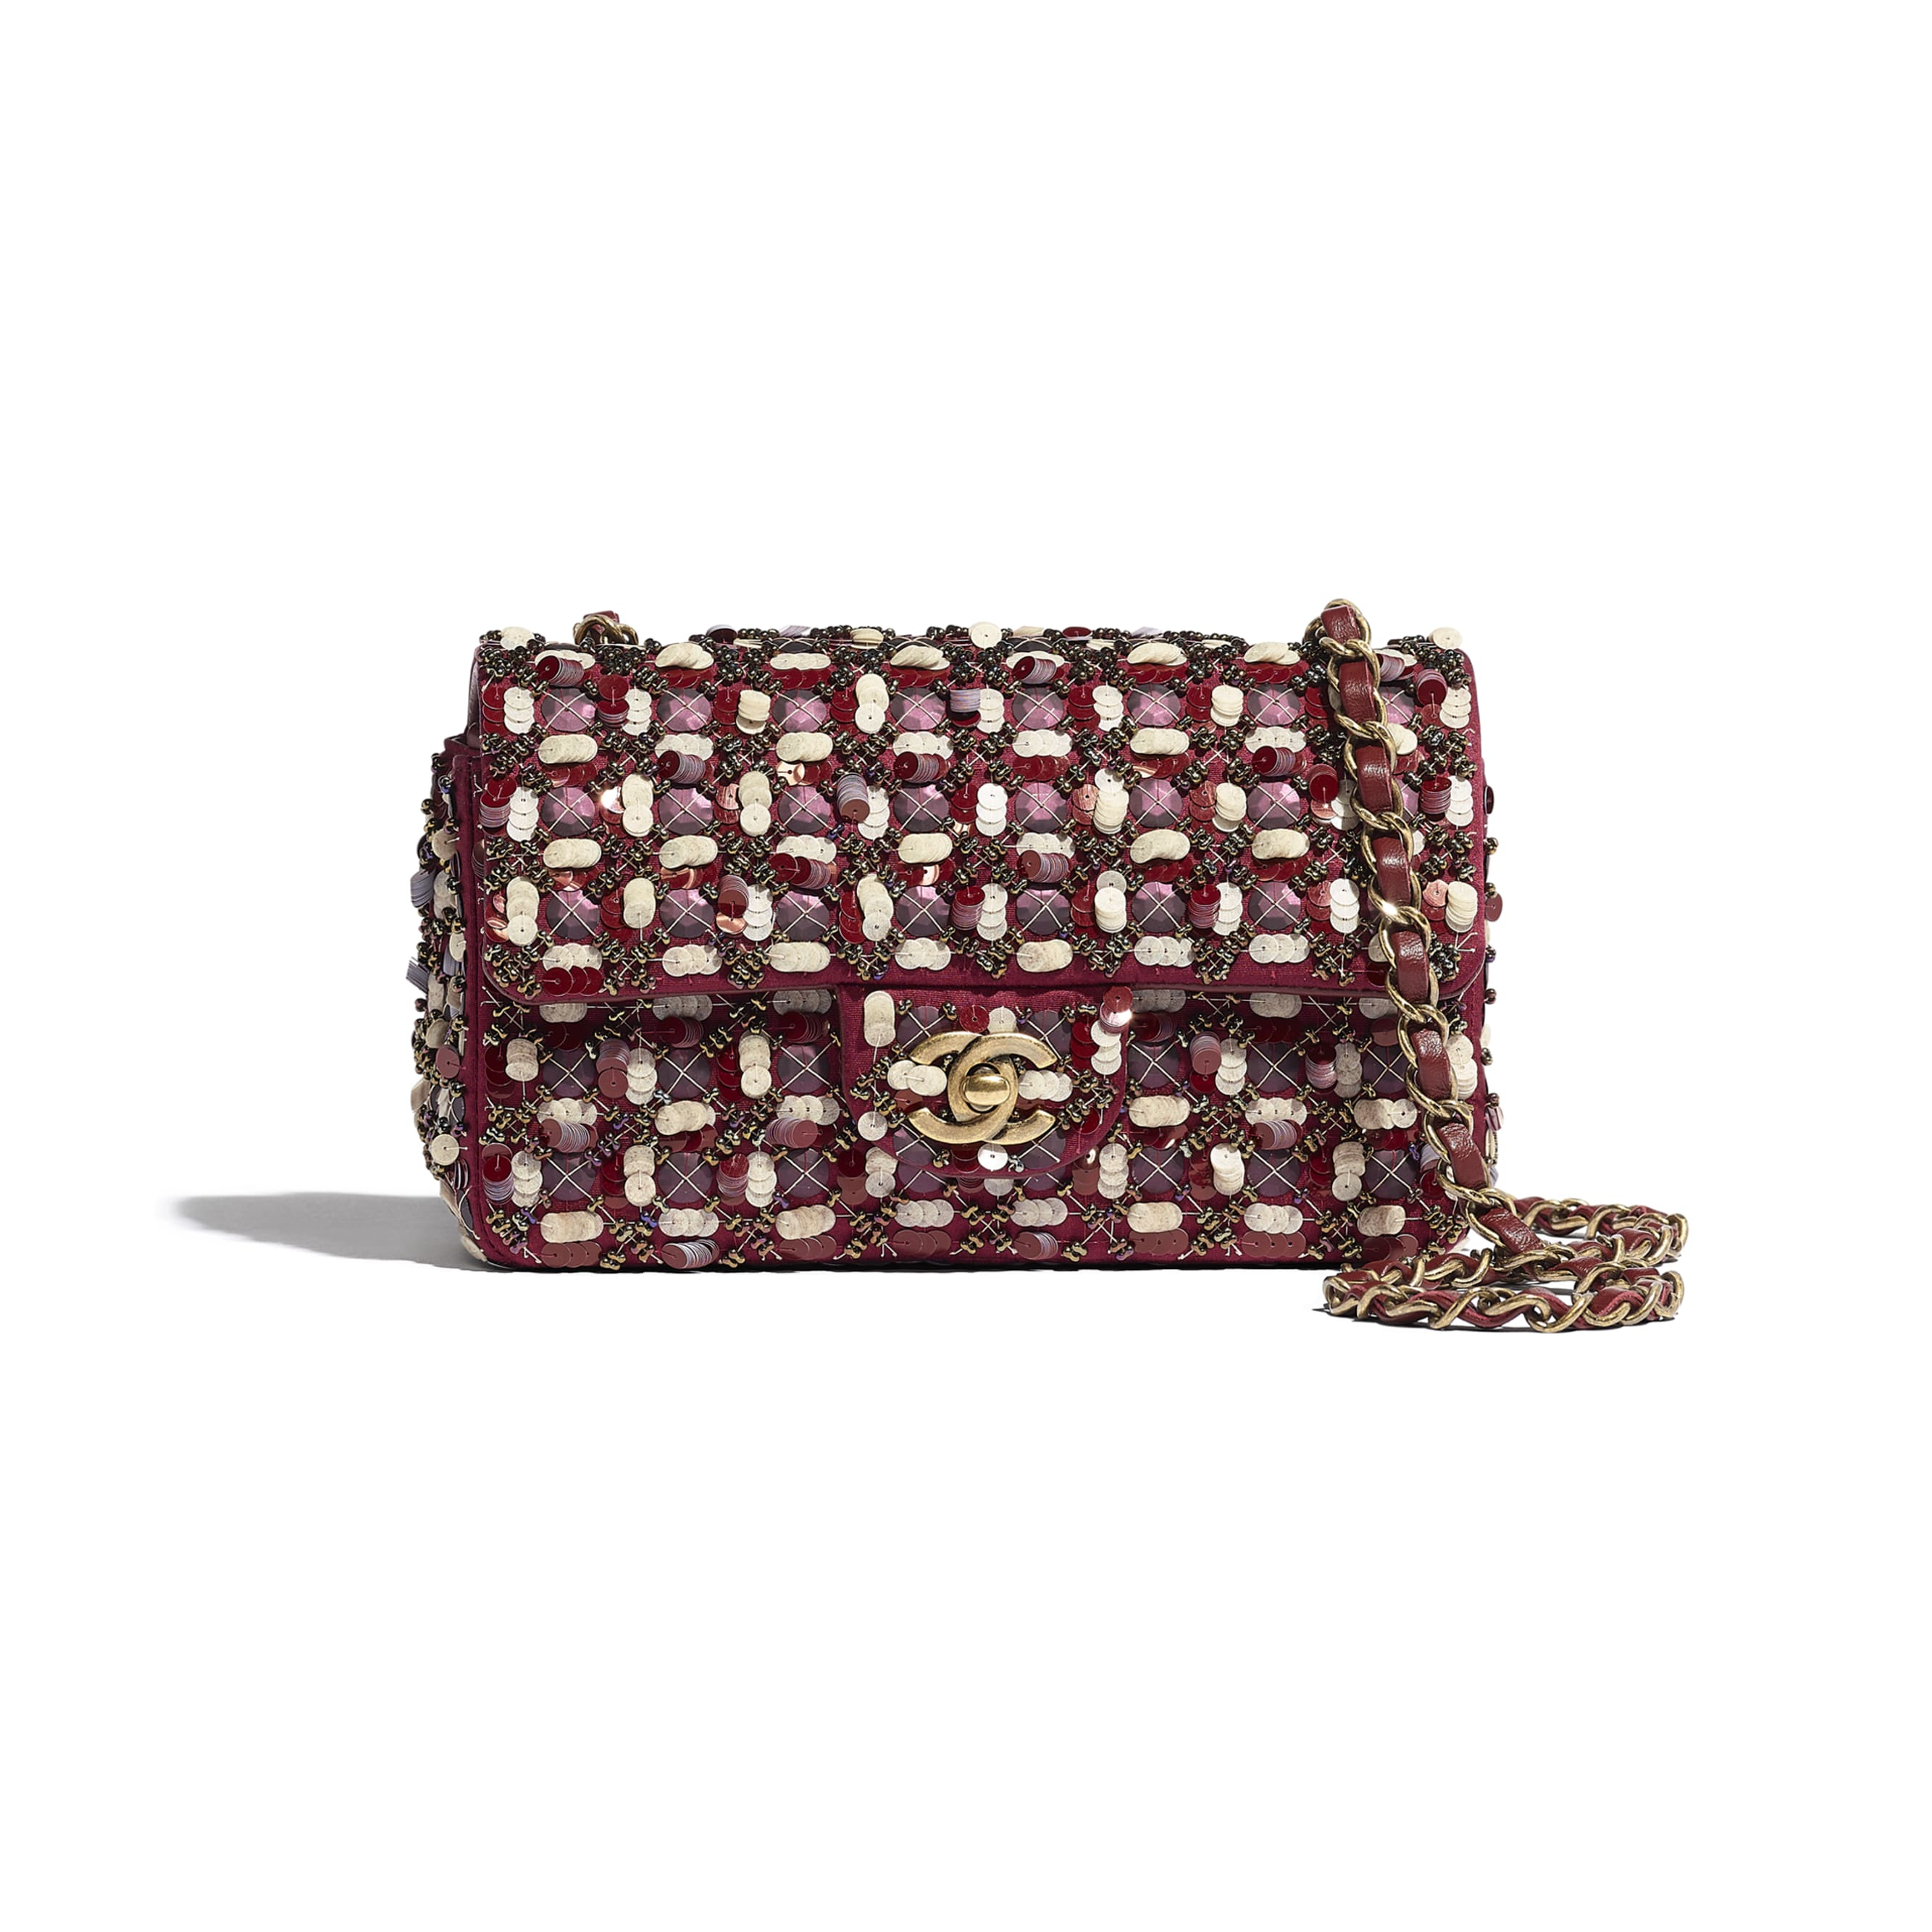 Torebka z klapką wersja mini - Kolor bordowy, różowy i biały - Satyna, cekiny, szklane perły i metal w tonacji złotej  - CHANEL - Widok domyślny – zobacz w standardowym rozmiarze